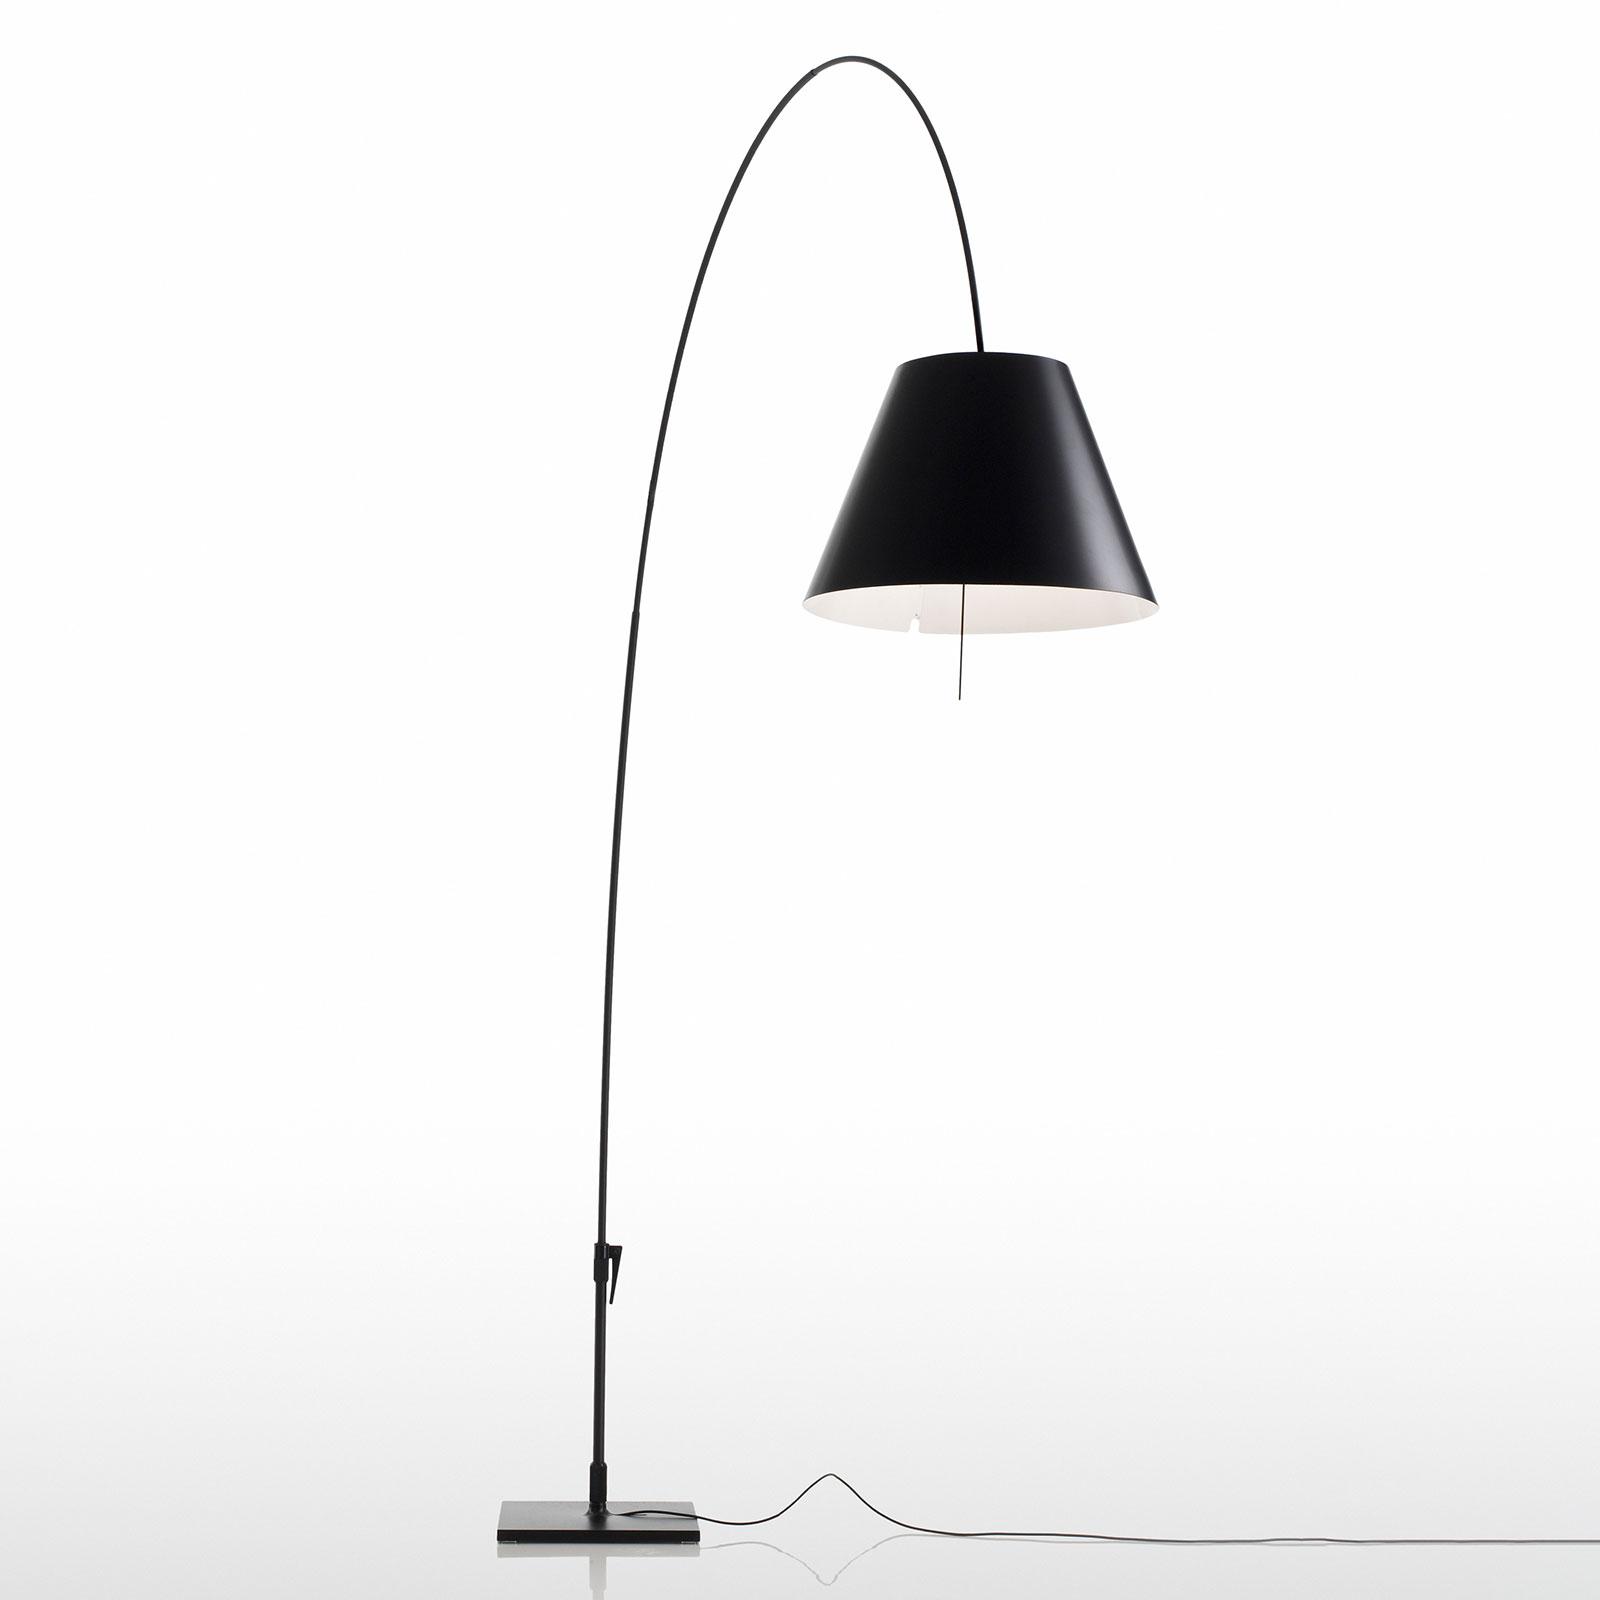 Luceplan Lady Costanza vloerlamp D13E I, zwart